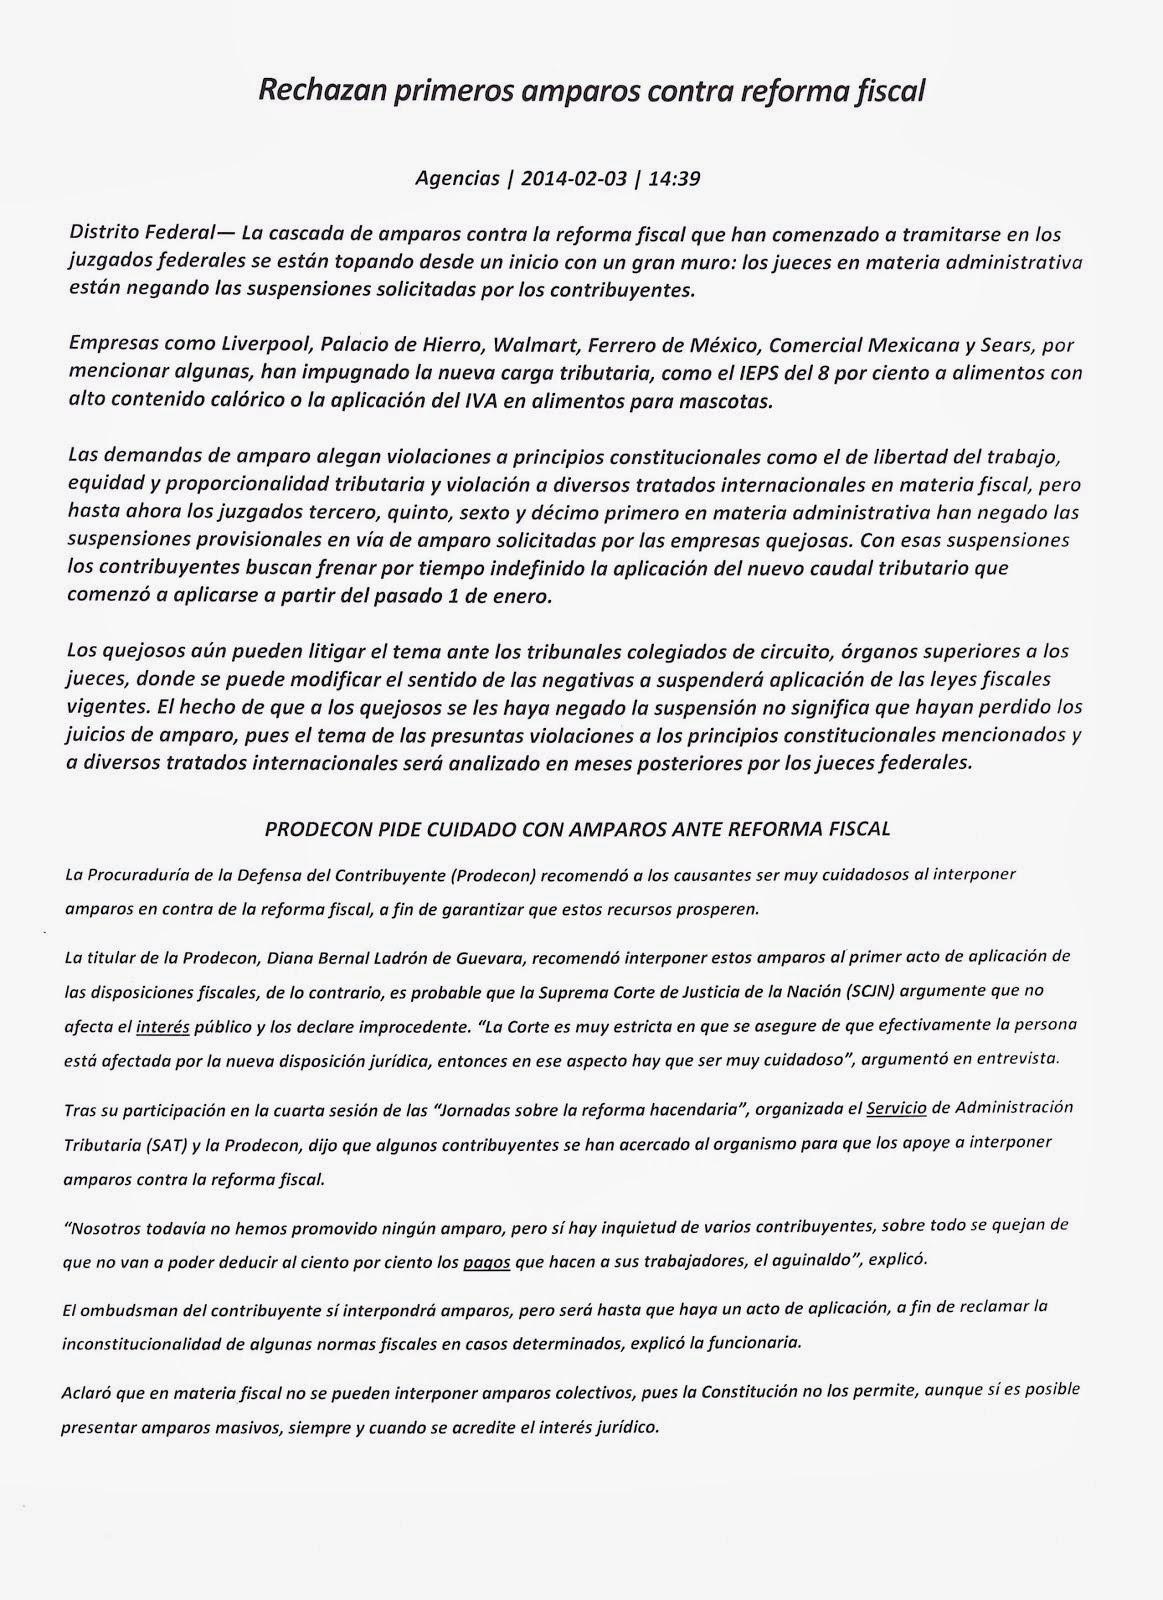 LOS AMPAROS EN CONTRA DE LO FISCAL